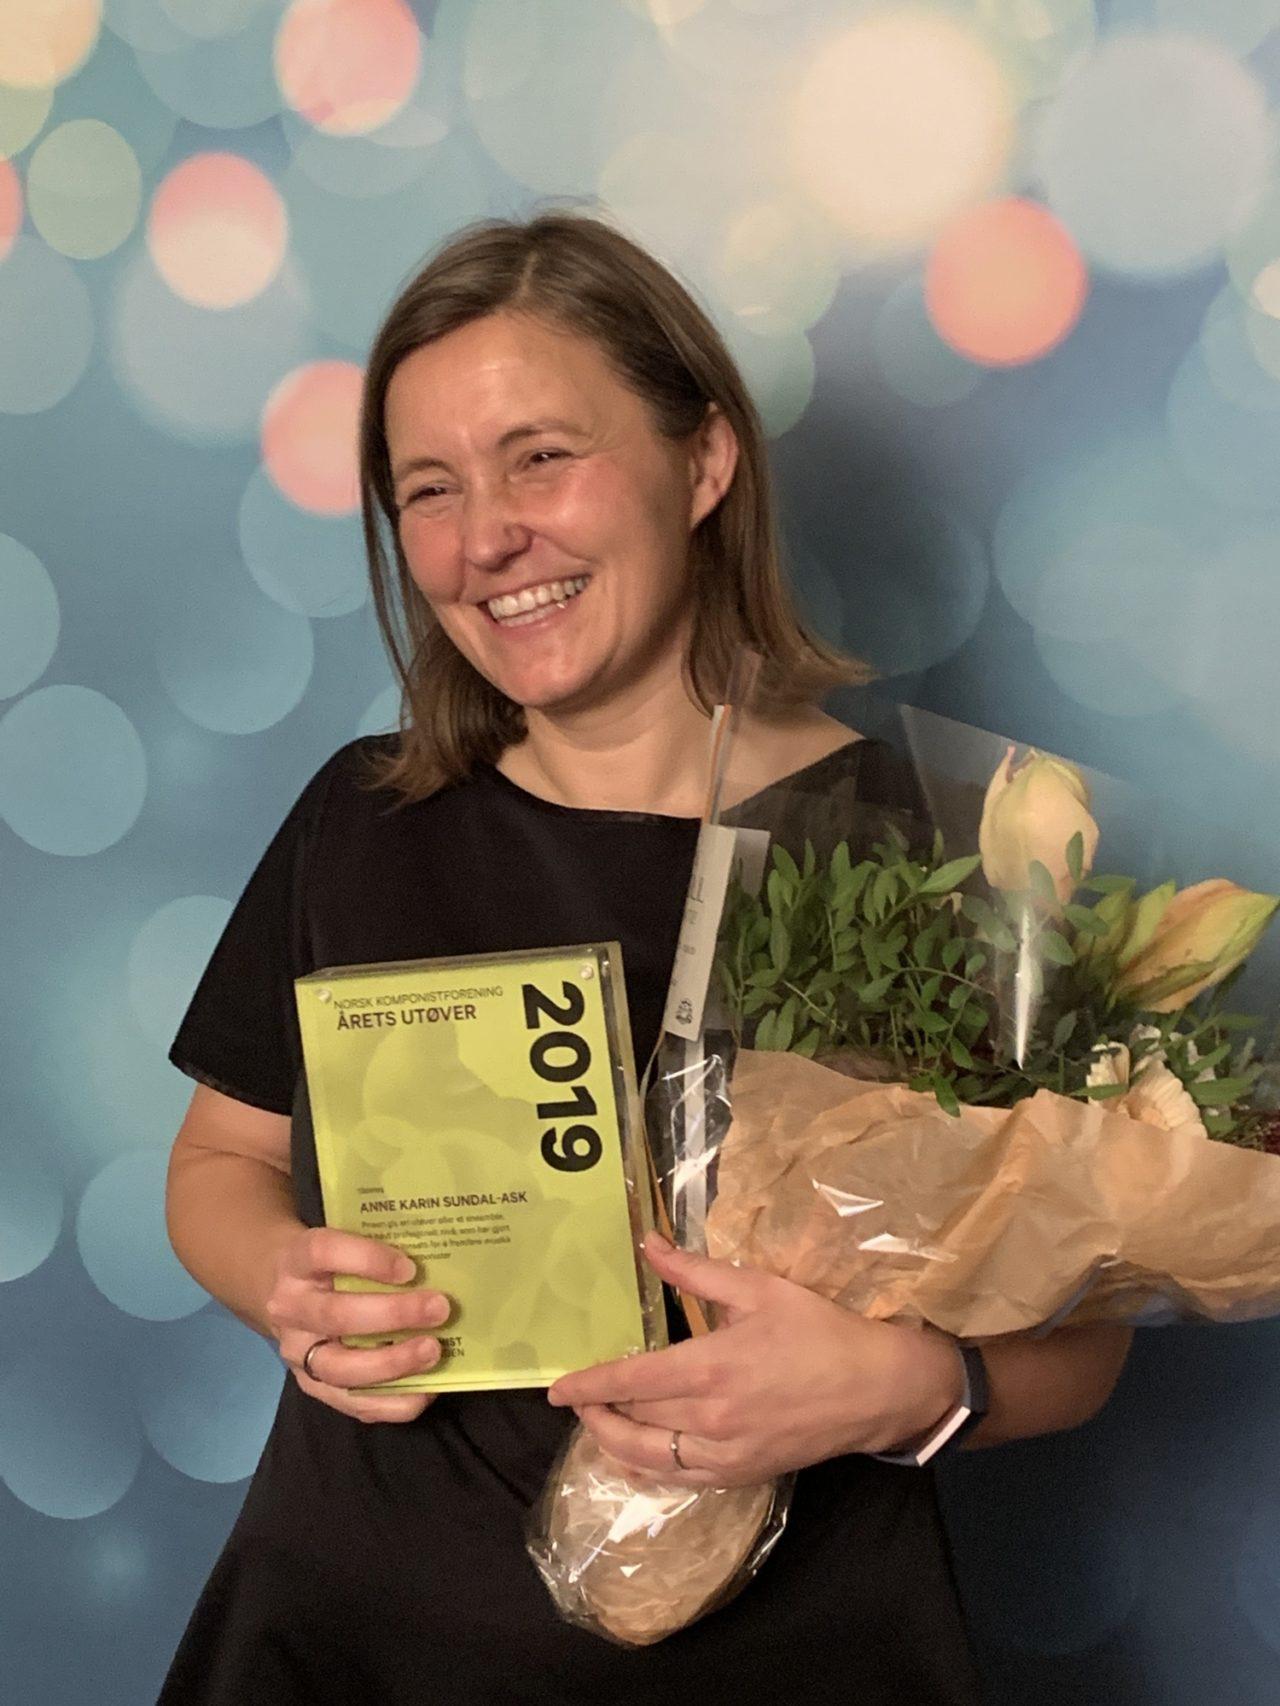 Årets utøver 2019 Anne Karin Sundal Ask Foto Hege Eikenes Randen kopi